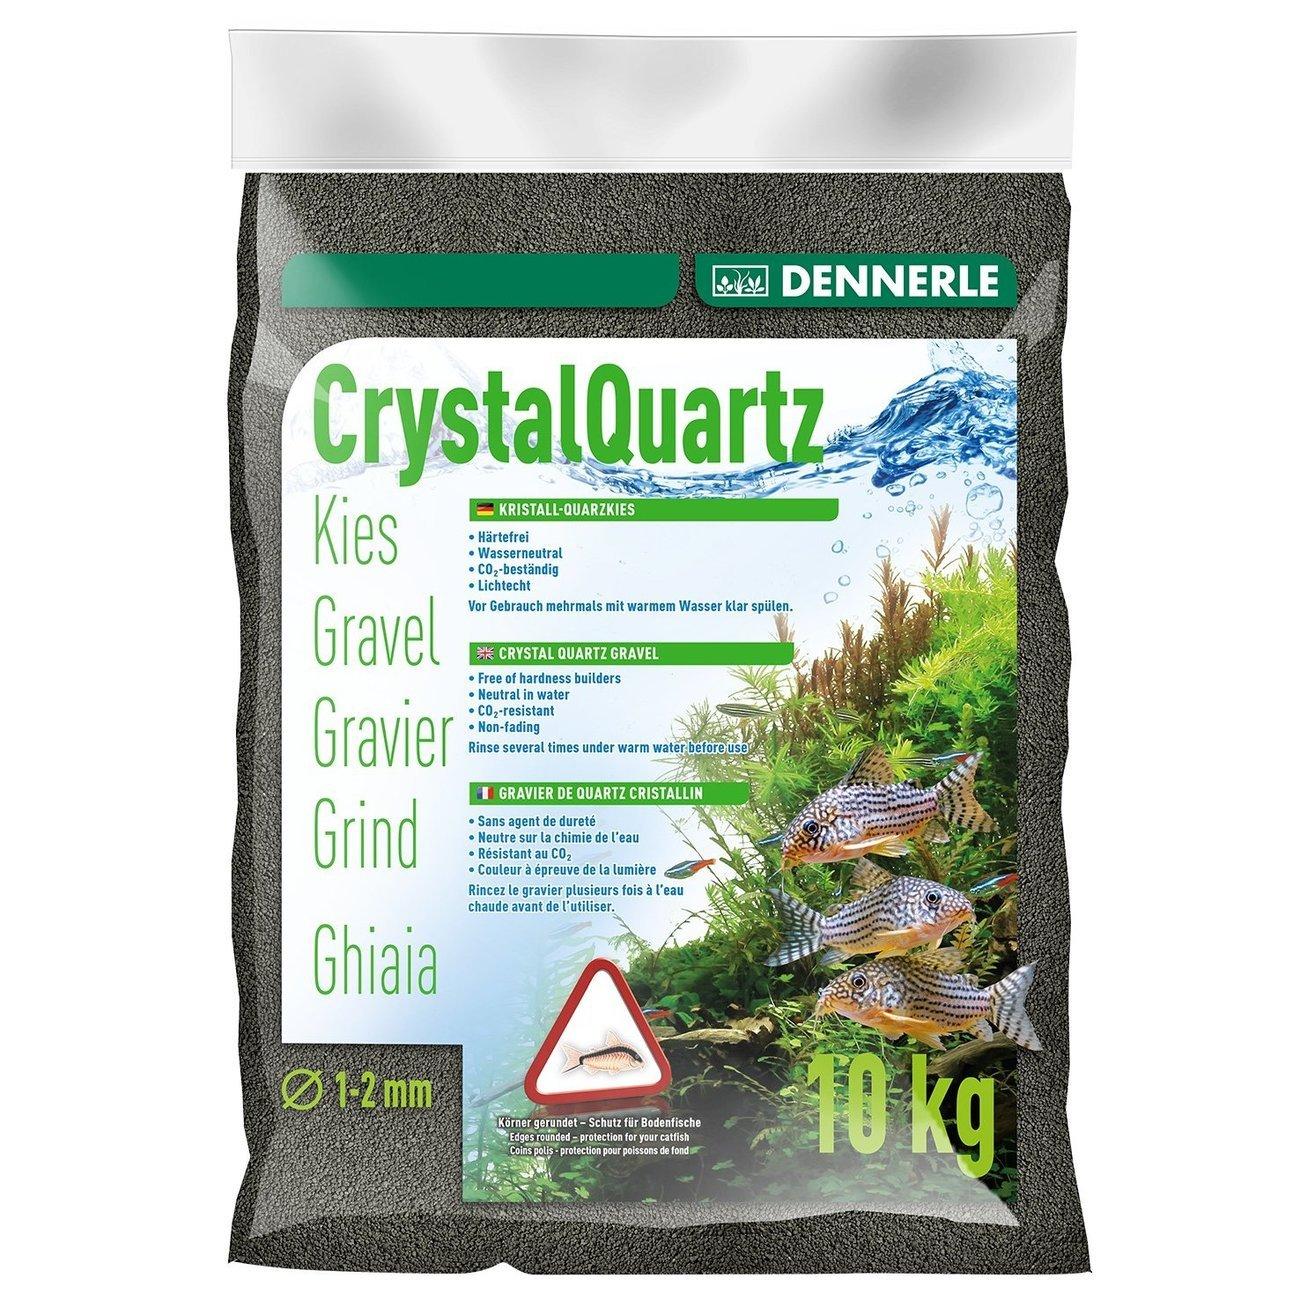 Dennerle Kristall-Quarzkies, 10 kg, schwarz